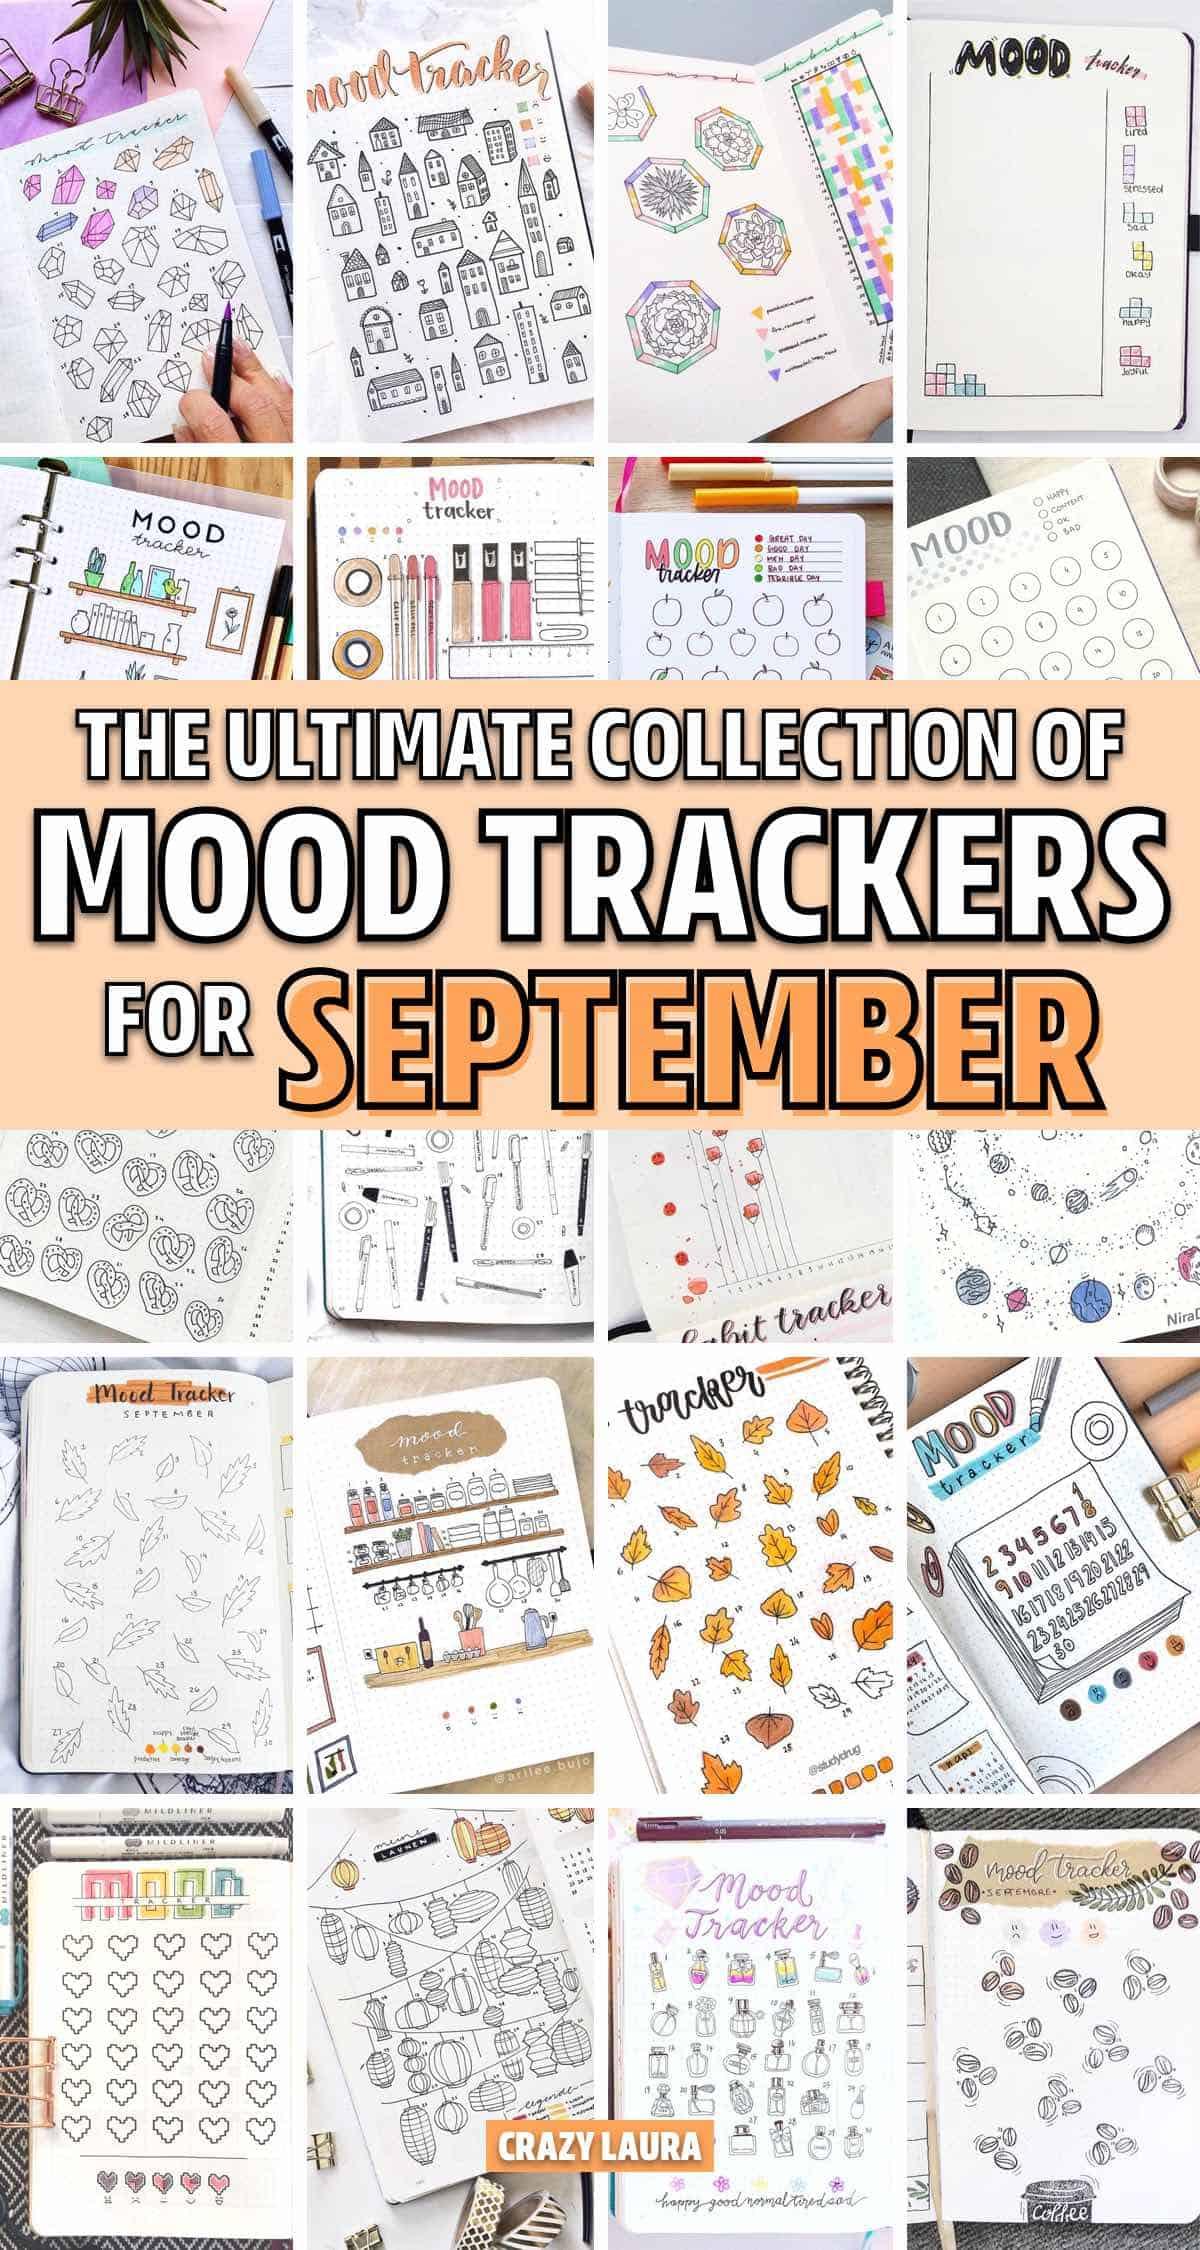 creative ways to setup mood tracker